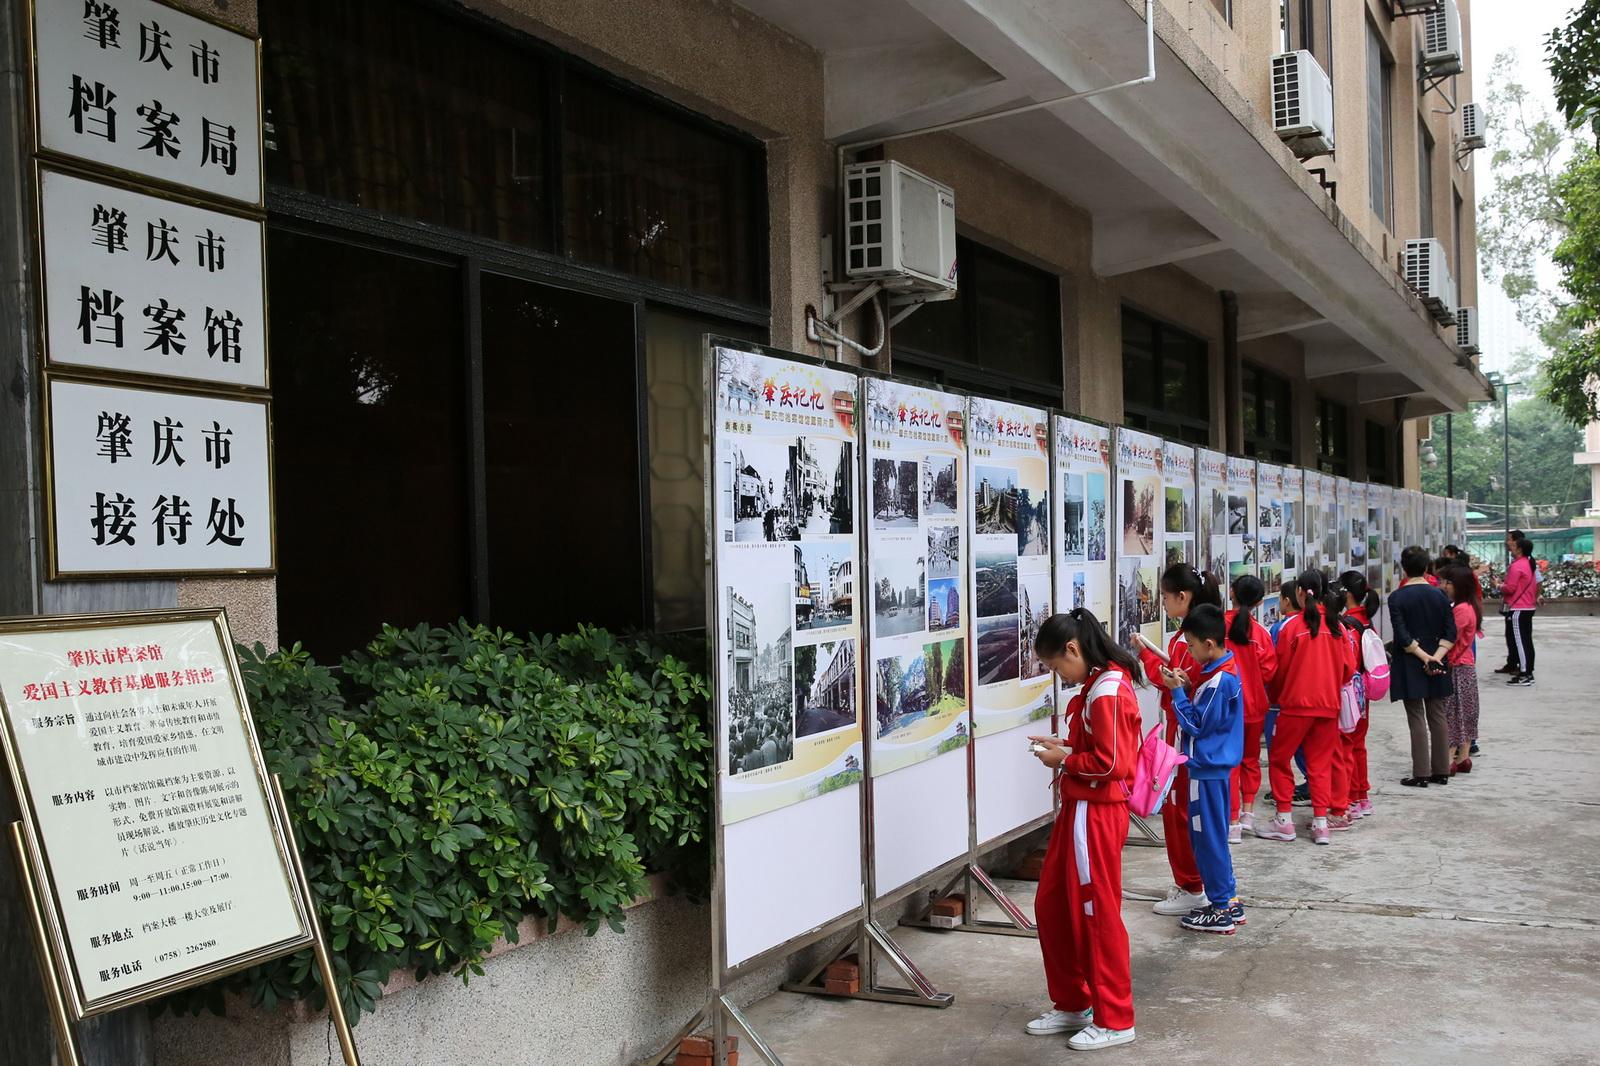 肇庆市档案局(馆)组织中小学生到爱国主义教育基地参观学习